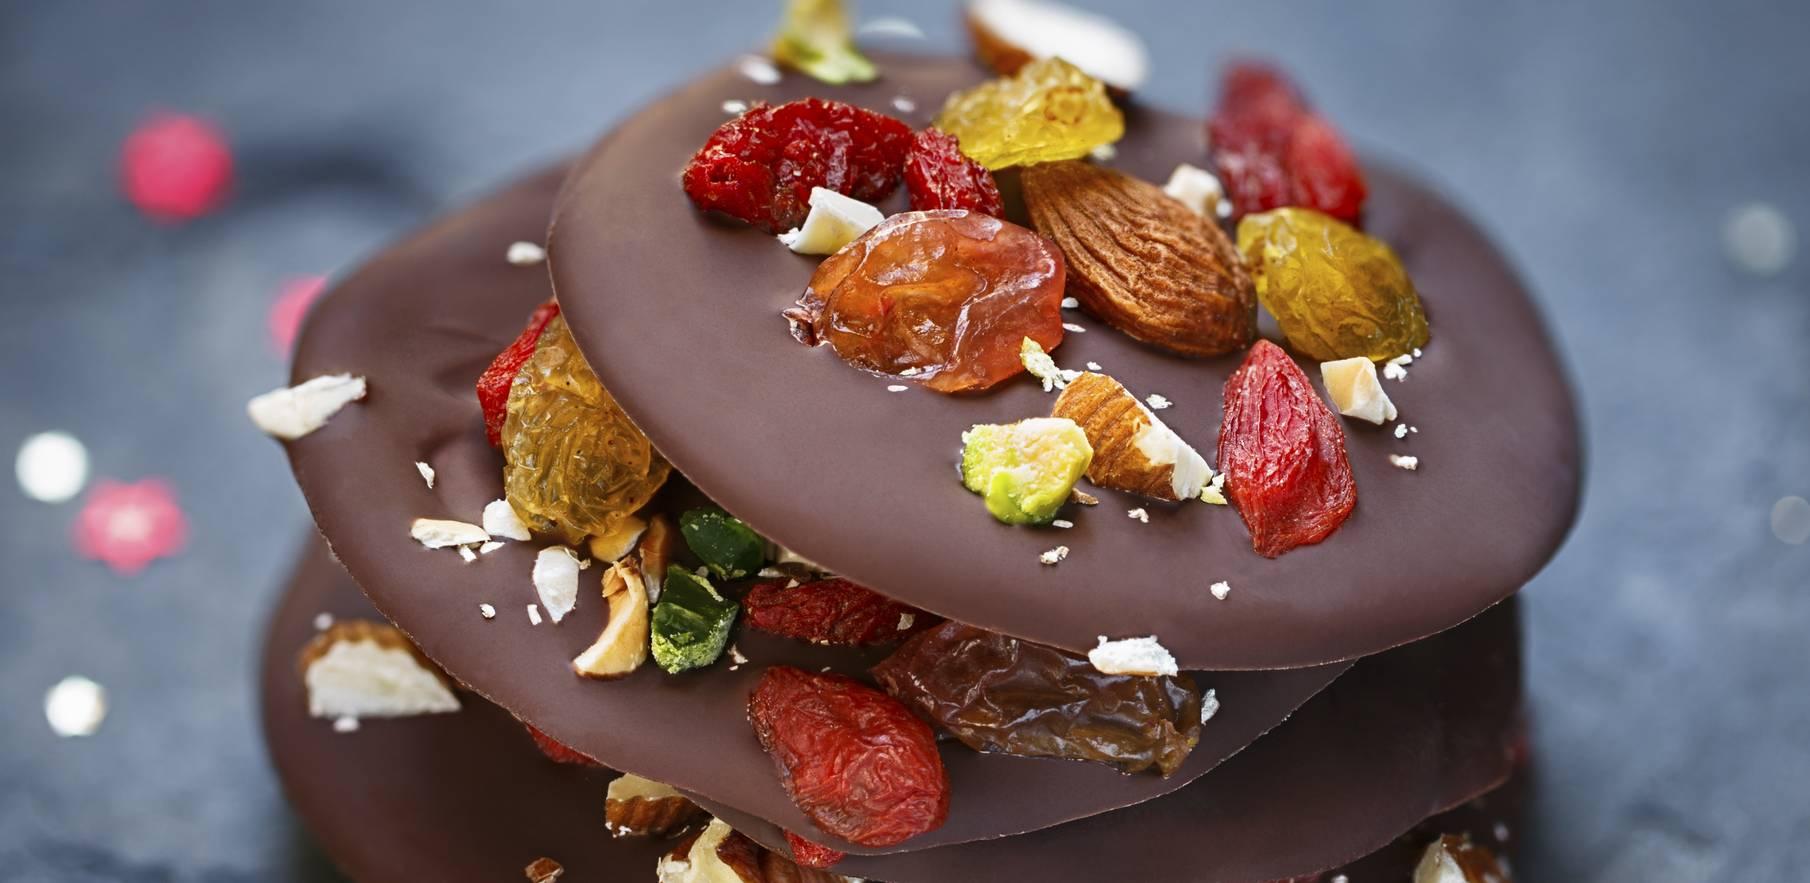 Recette facile de mendiants au chocolat